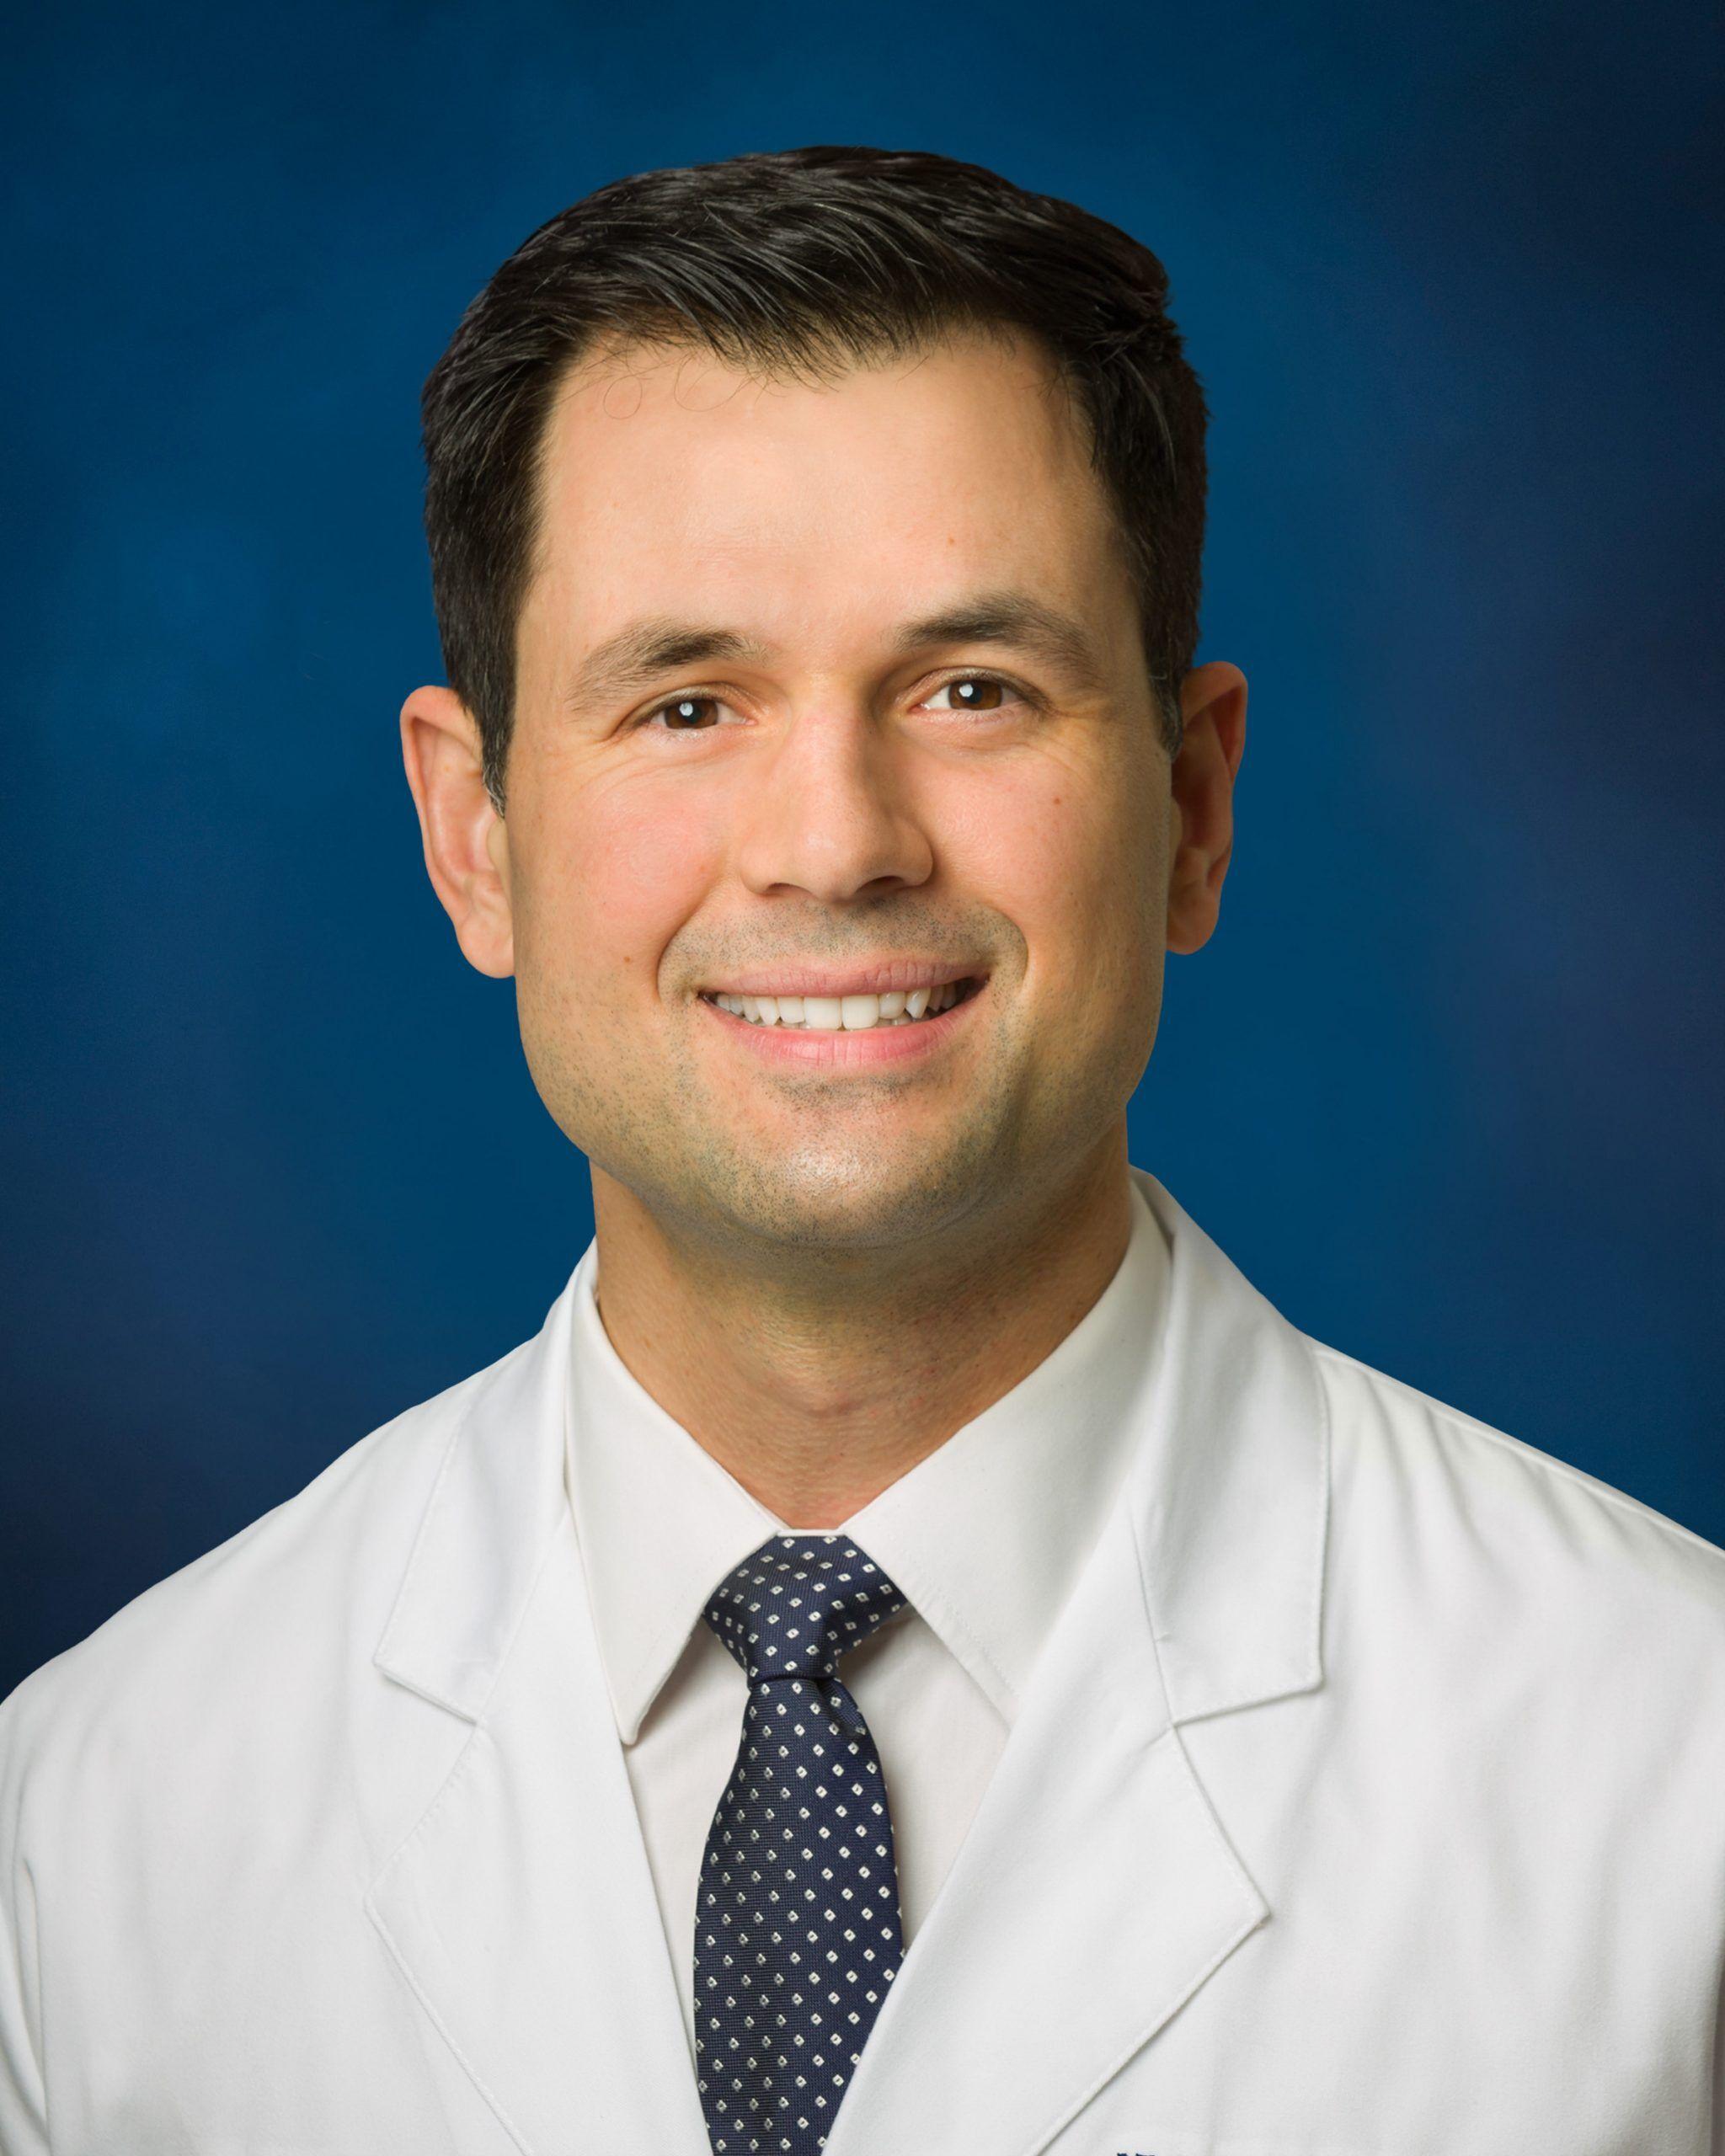 Dr. Nick Sacksteder